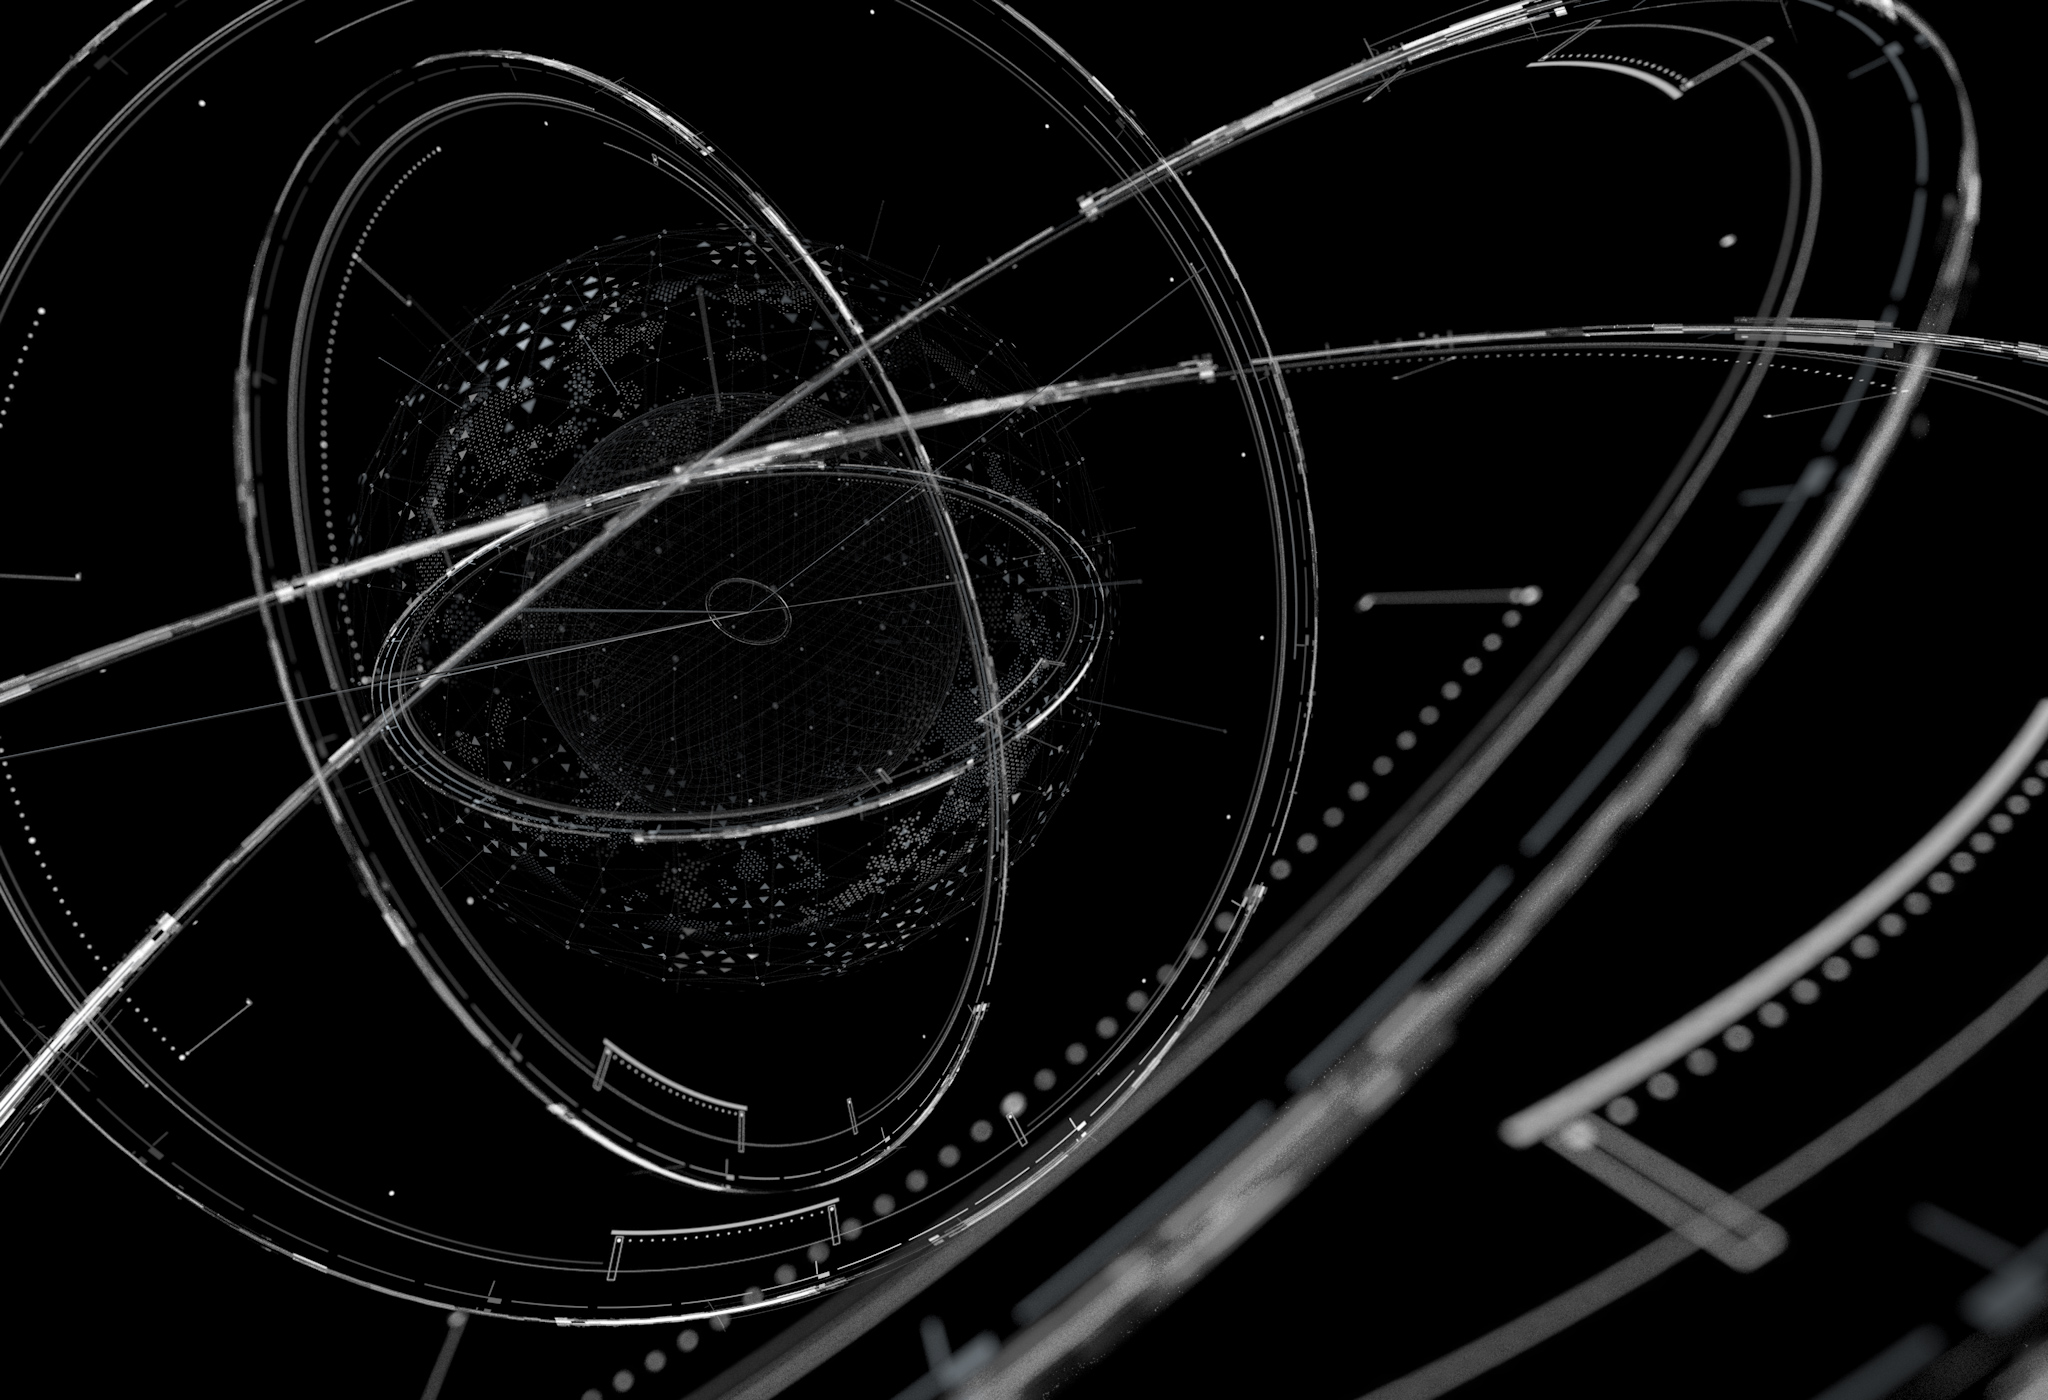 hitech_spheres_1_c4d_render